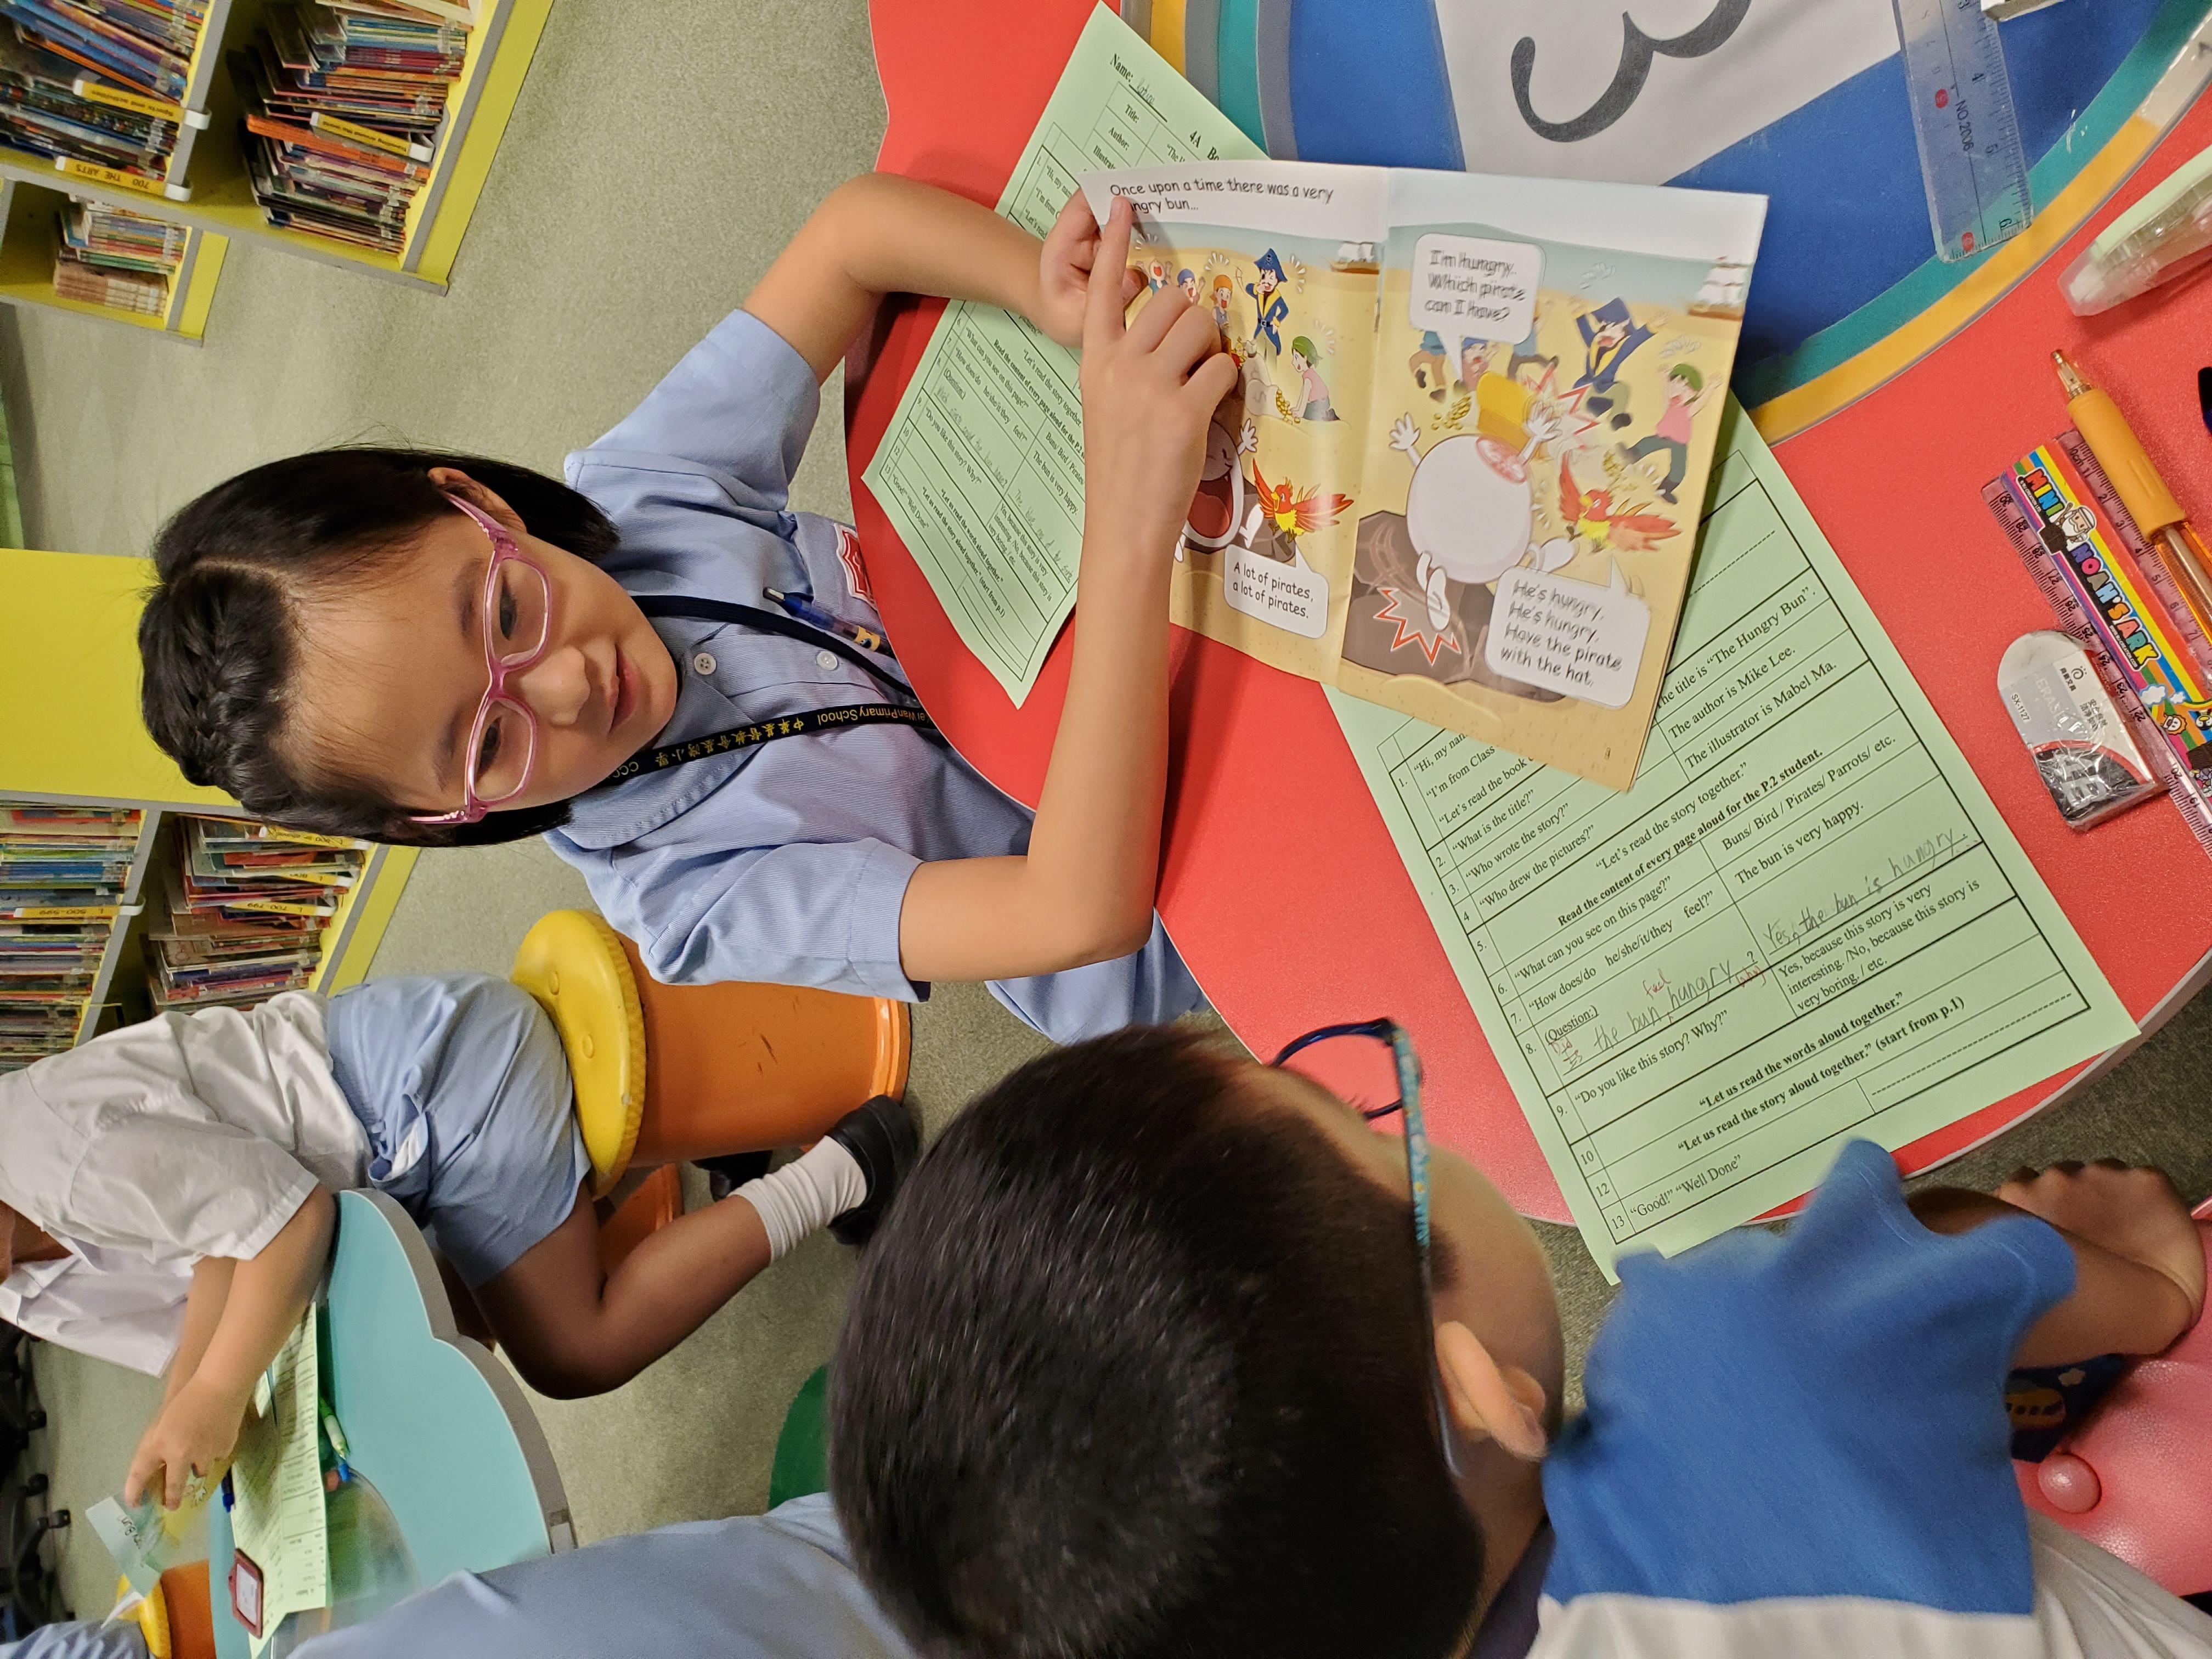 http://www.keiwan.edu.hk/sites/default/files/20191011_100715.jpg